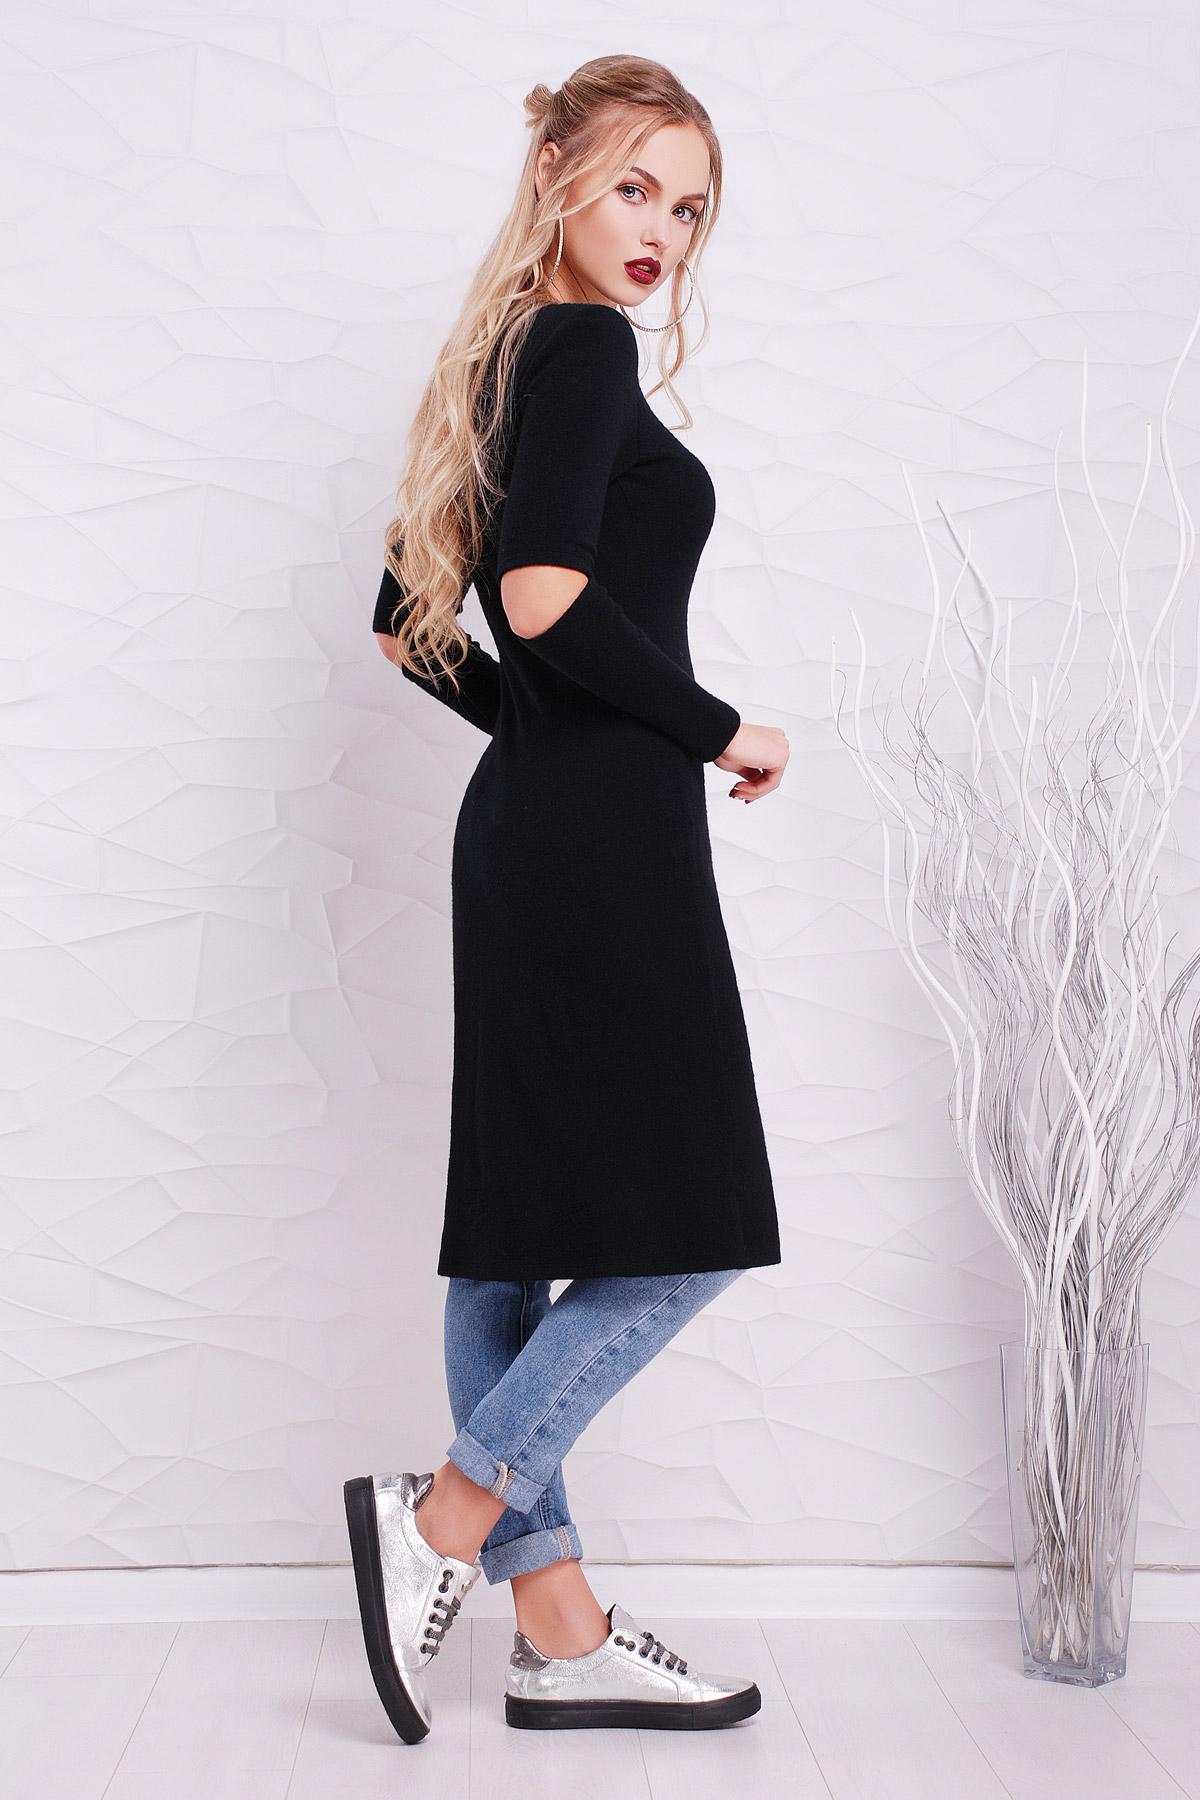 385f195e8229 Цвет  черный купить  теплое платье туника. платье-туника Алекса д р. Цвет   черный цена